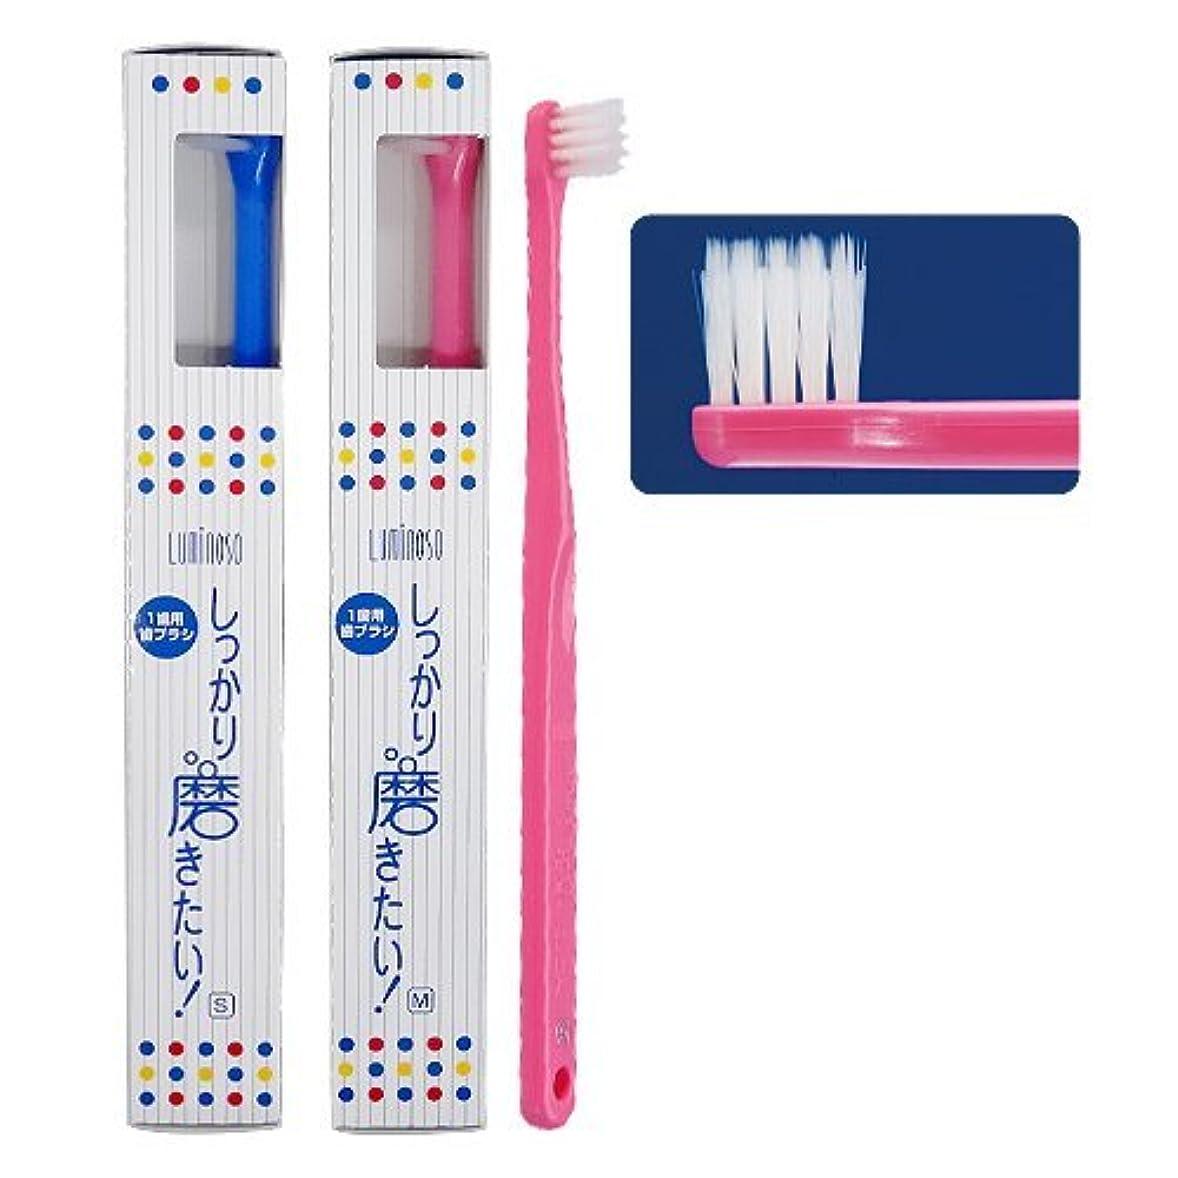 モバイルはっきりといわゆるルミノソ 1歯用歯ブラシ「しっかり磨きたい!」スタンダード ソフト (カラー指定不可) 5本